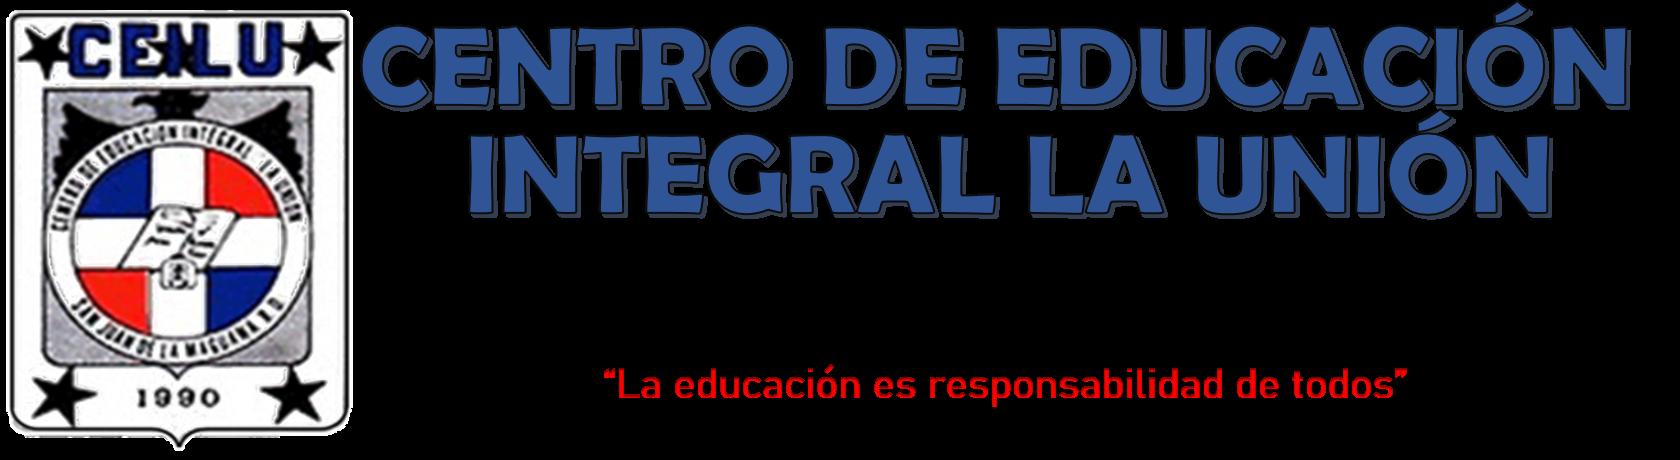 CENTRO DE EDUCACIÓN INTEGRAL LA UNIÓN